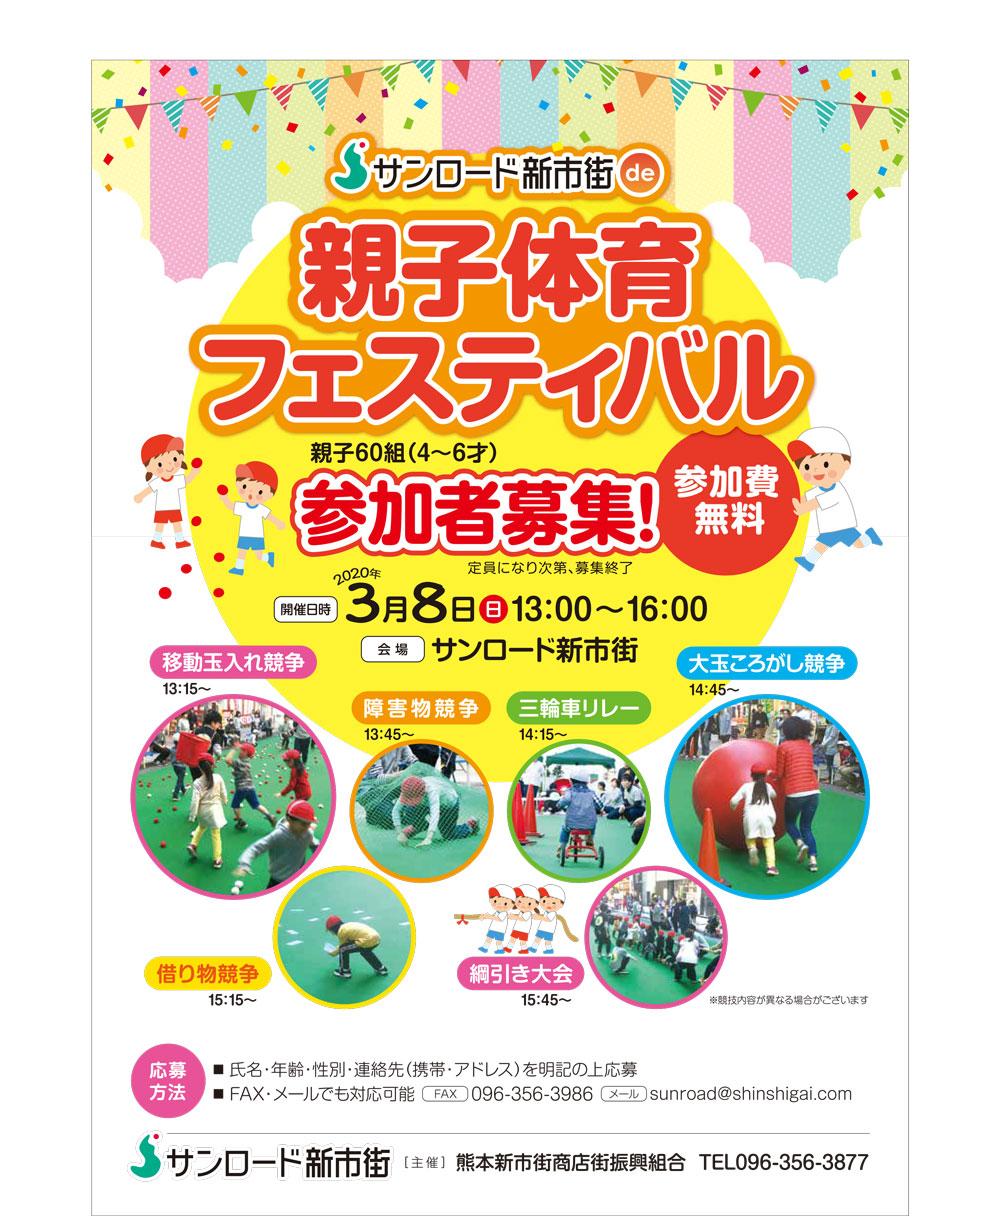 新市街 de 親子体育フェスティバル